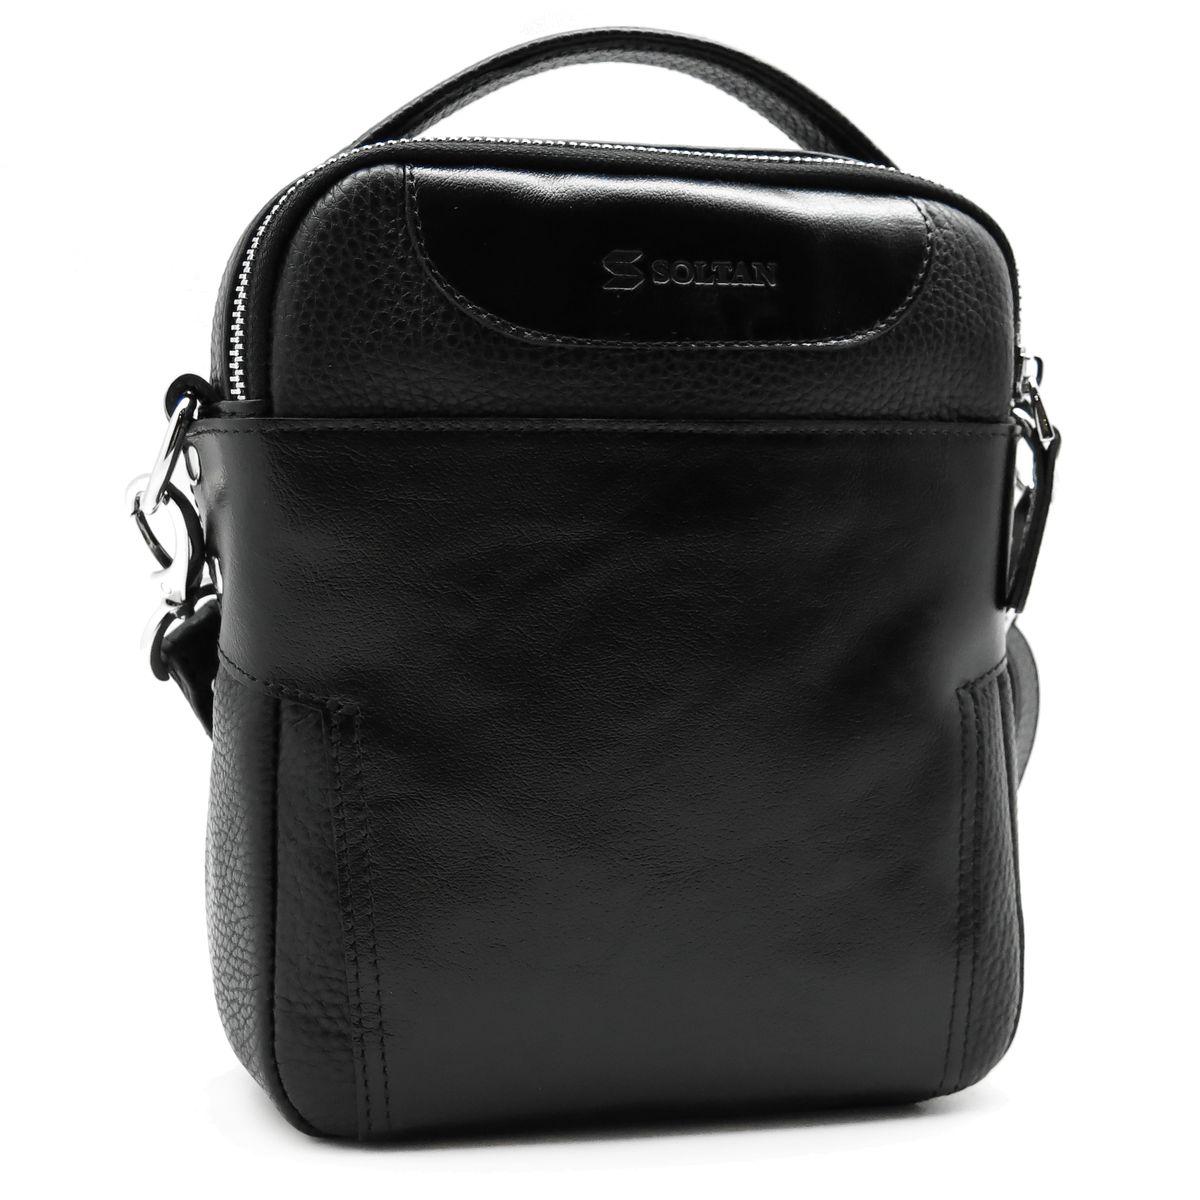 Сумка мужская Soltan, цвет: черный. 805М 03/01 0110130-11Мужская сумка Soltan выполнена из натуральной кожи. Модель имеет одно большое отделение, внутри карман на молнии. Спереди и сзади дополнительные карманы. Кожаный плечевой ремень регулируется по длине, крепится на карабины.